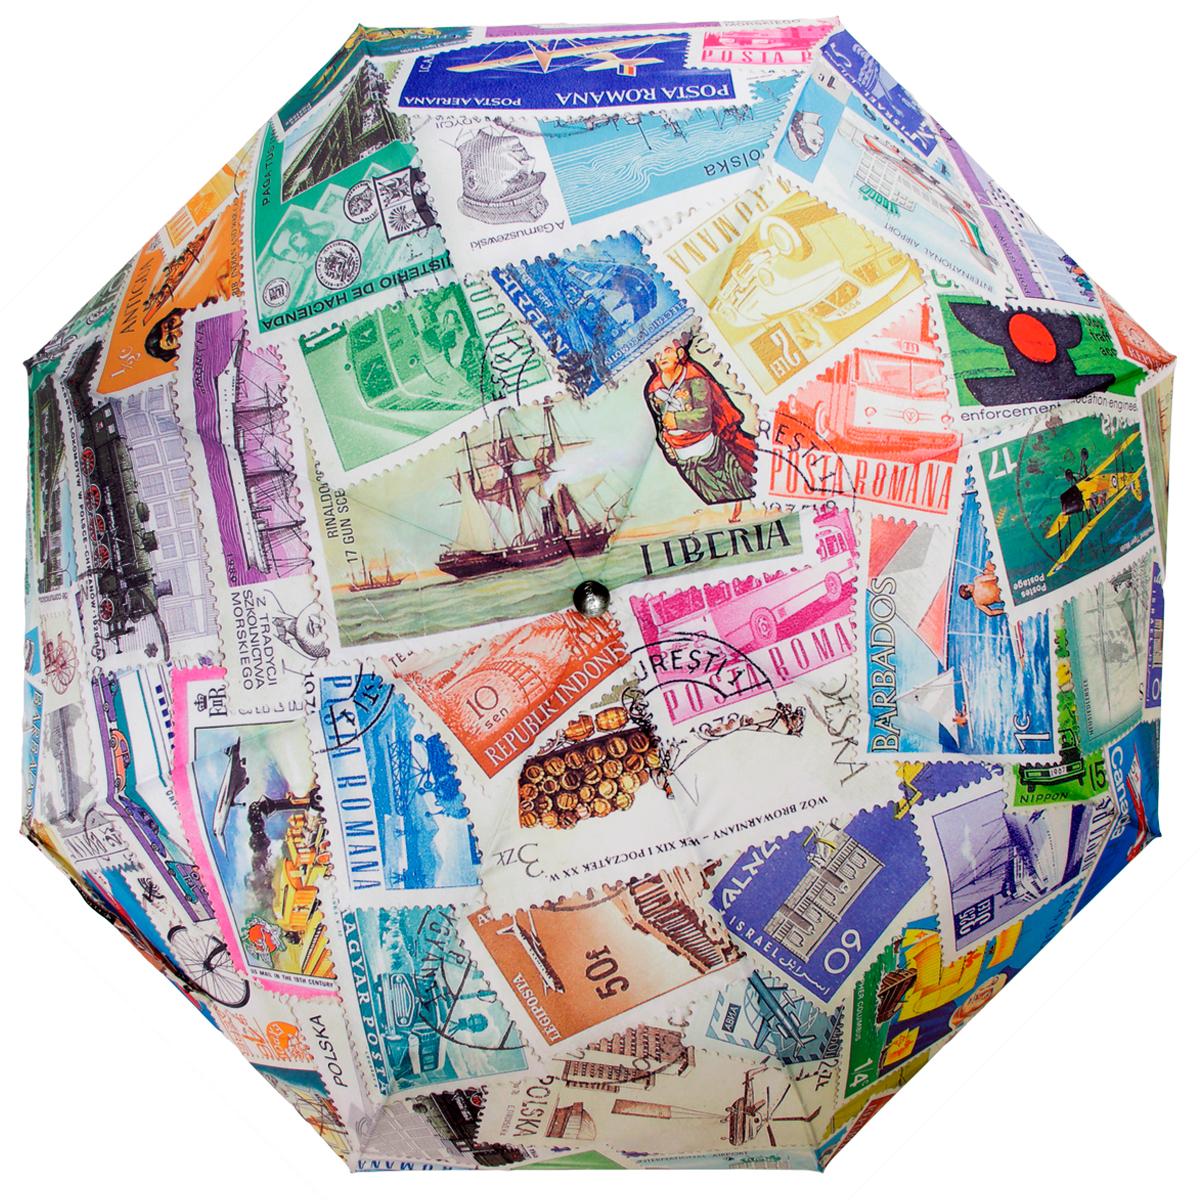 Зонт женский Flioraj Почтовые марки, механический, 5 сложений, белый, зеленый, розовый016-005 FJСтильный механический зонт Flioraj Почтовые марки в 5 сложений даже в ненастную погоду позволит вам оставаться стильной и элегантной. Каркас зонта из хромированной стали состоит из восьми спиц, оснащен удобной прорезиненной рукояткой. Ветростойкий каркас возвращается к нормальному положению из вывернутого ветром наизнанку зонта. Для этого нужно закрыть зонт и вновь его открыть. Зонт имеет механический тип сложения: купол открывается и закрывается вручную, стержень также складывается вручную до характерного щелчка. Купол зонта выполнен из прочного полиэстера и оформлен изображением различных марок. Закрытый купол фиксируется хлястиком на кнопке. На рукоятке для удобства есть небольшая эластичная петля, позволяющая надеть зонт на руку тогда, когда это будет необходимо. К зонту прилагается чехол.